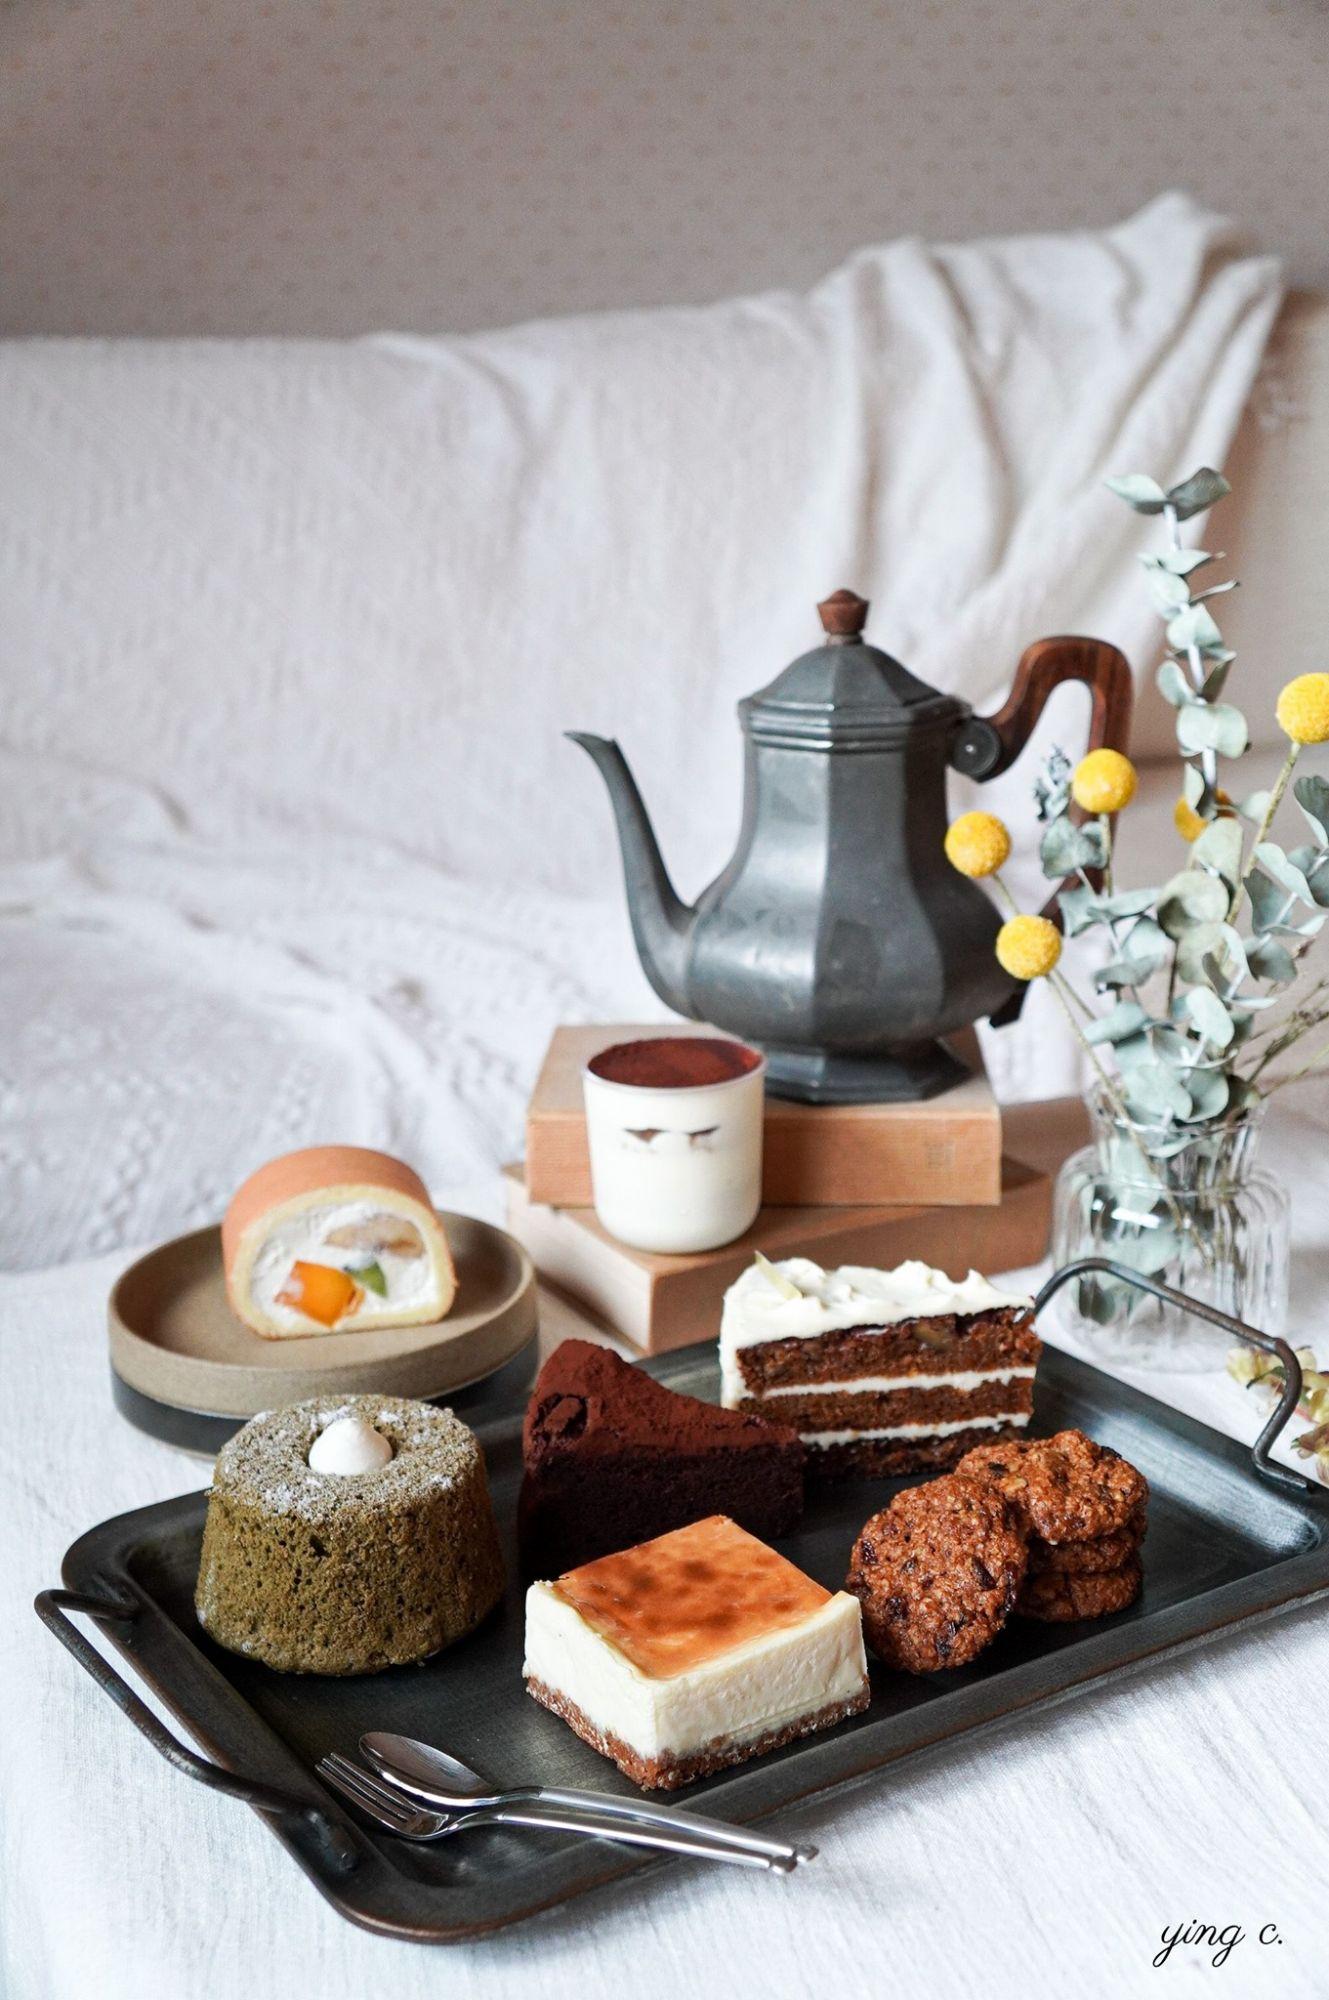 圖片來源/Ying C. 一匙甜點舀巴黎 官方粉絲頁